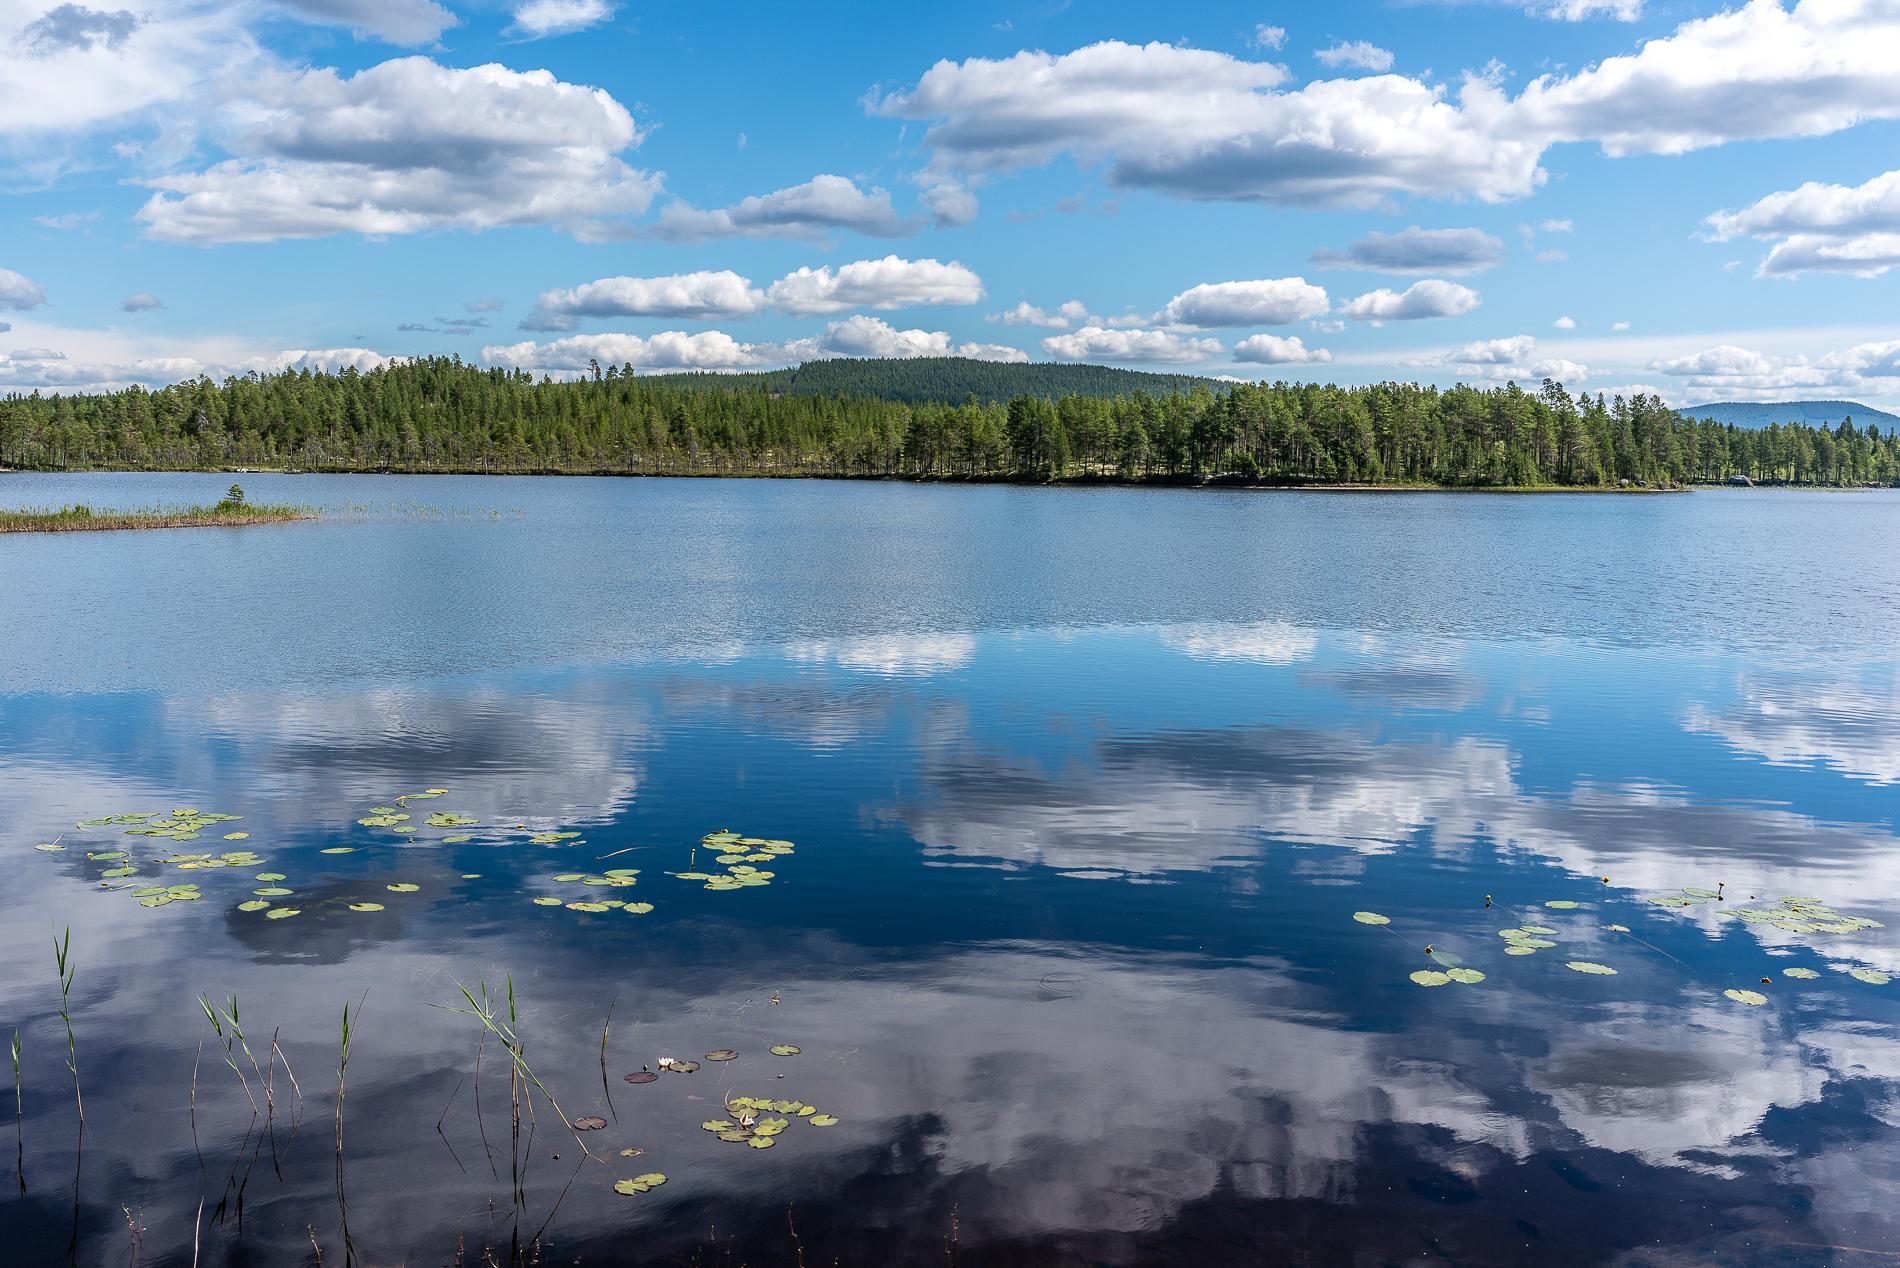 Lake view, Sweden